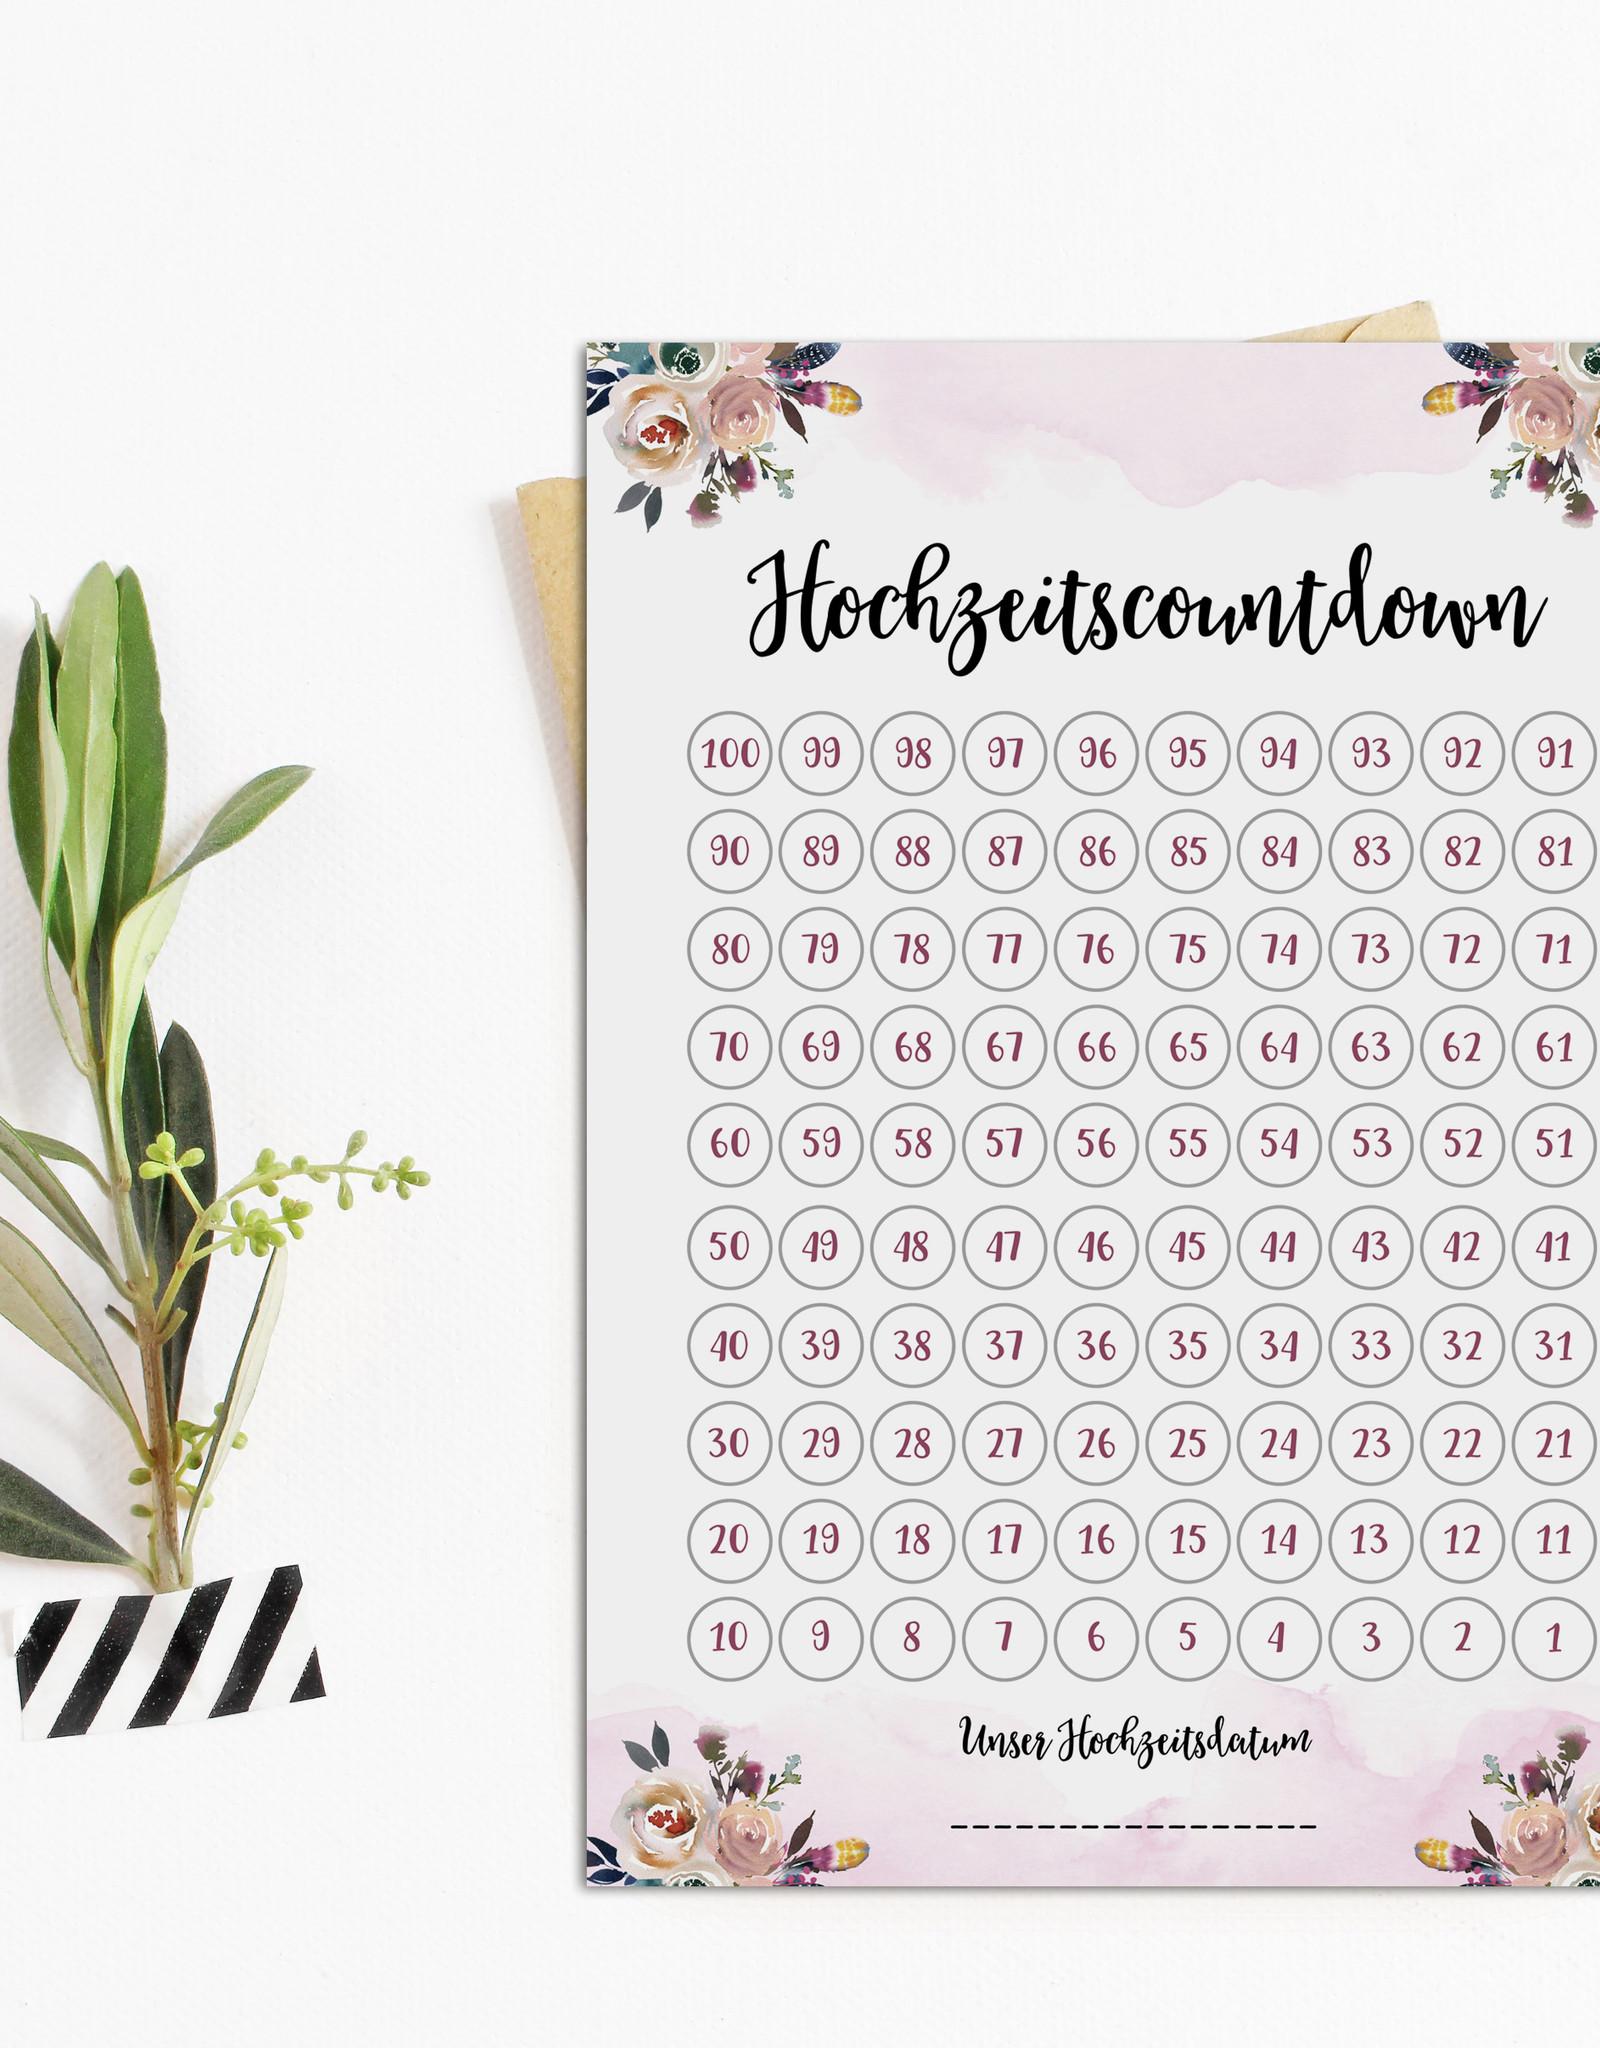 Postkarte Hochzeitscountdown BOHO Countdown Hochzeit Postkarte Save the date